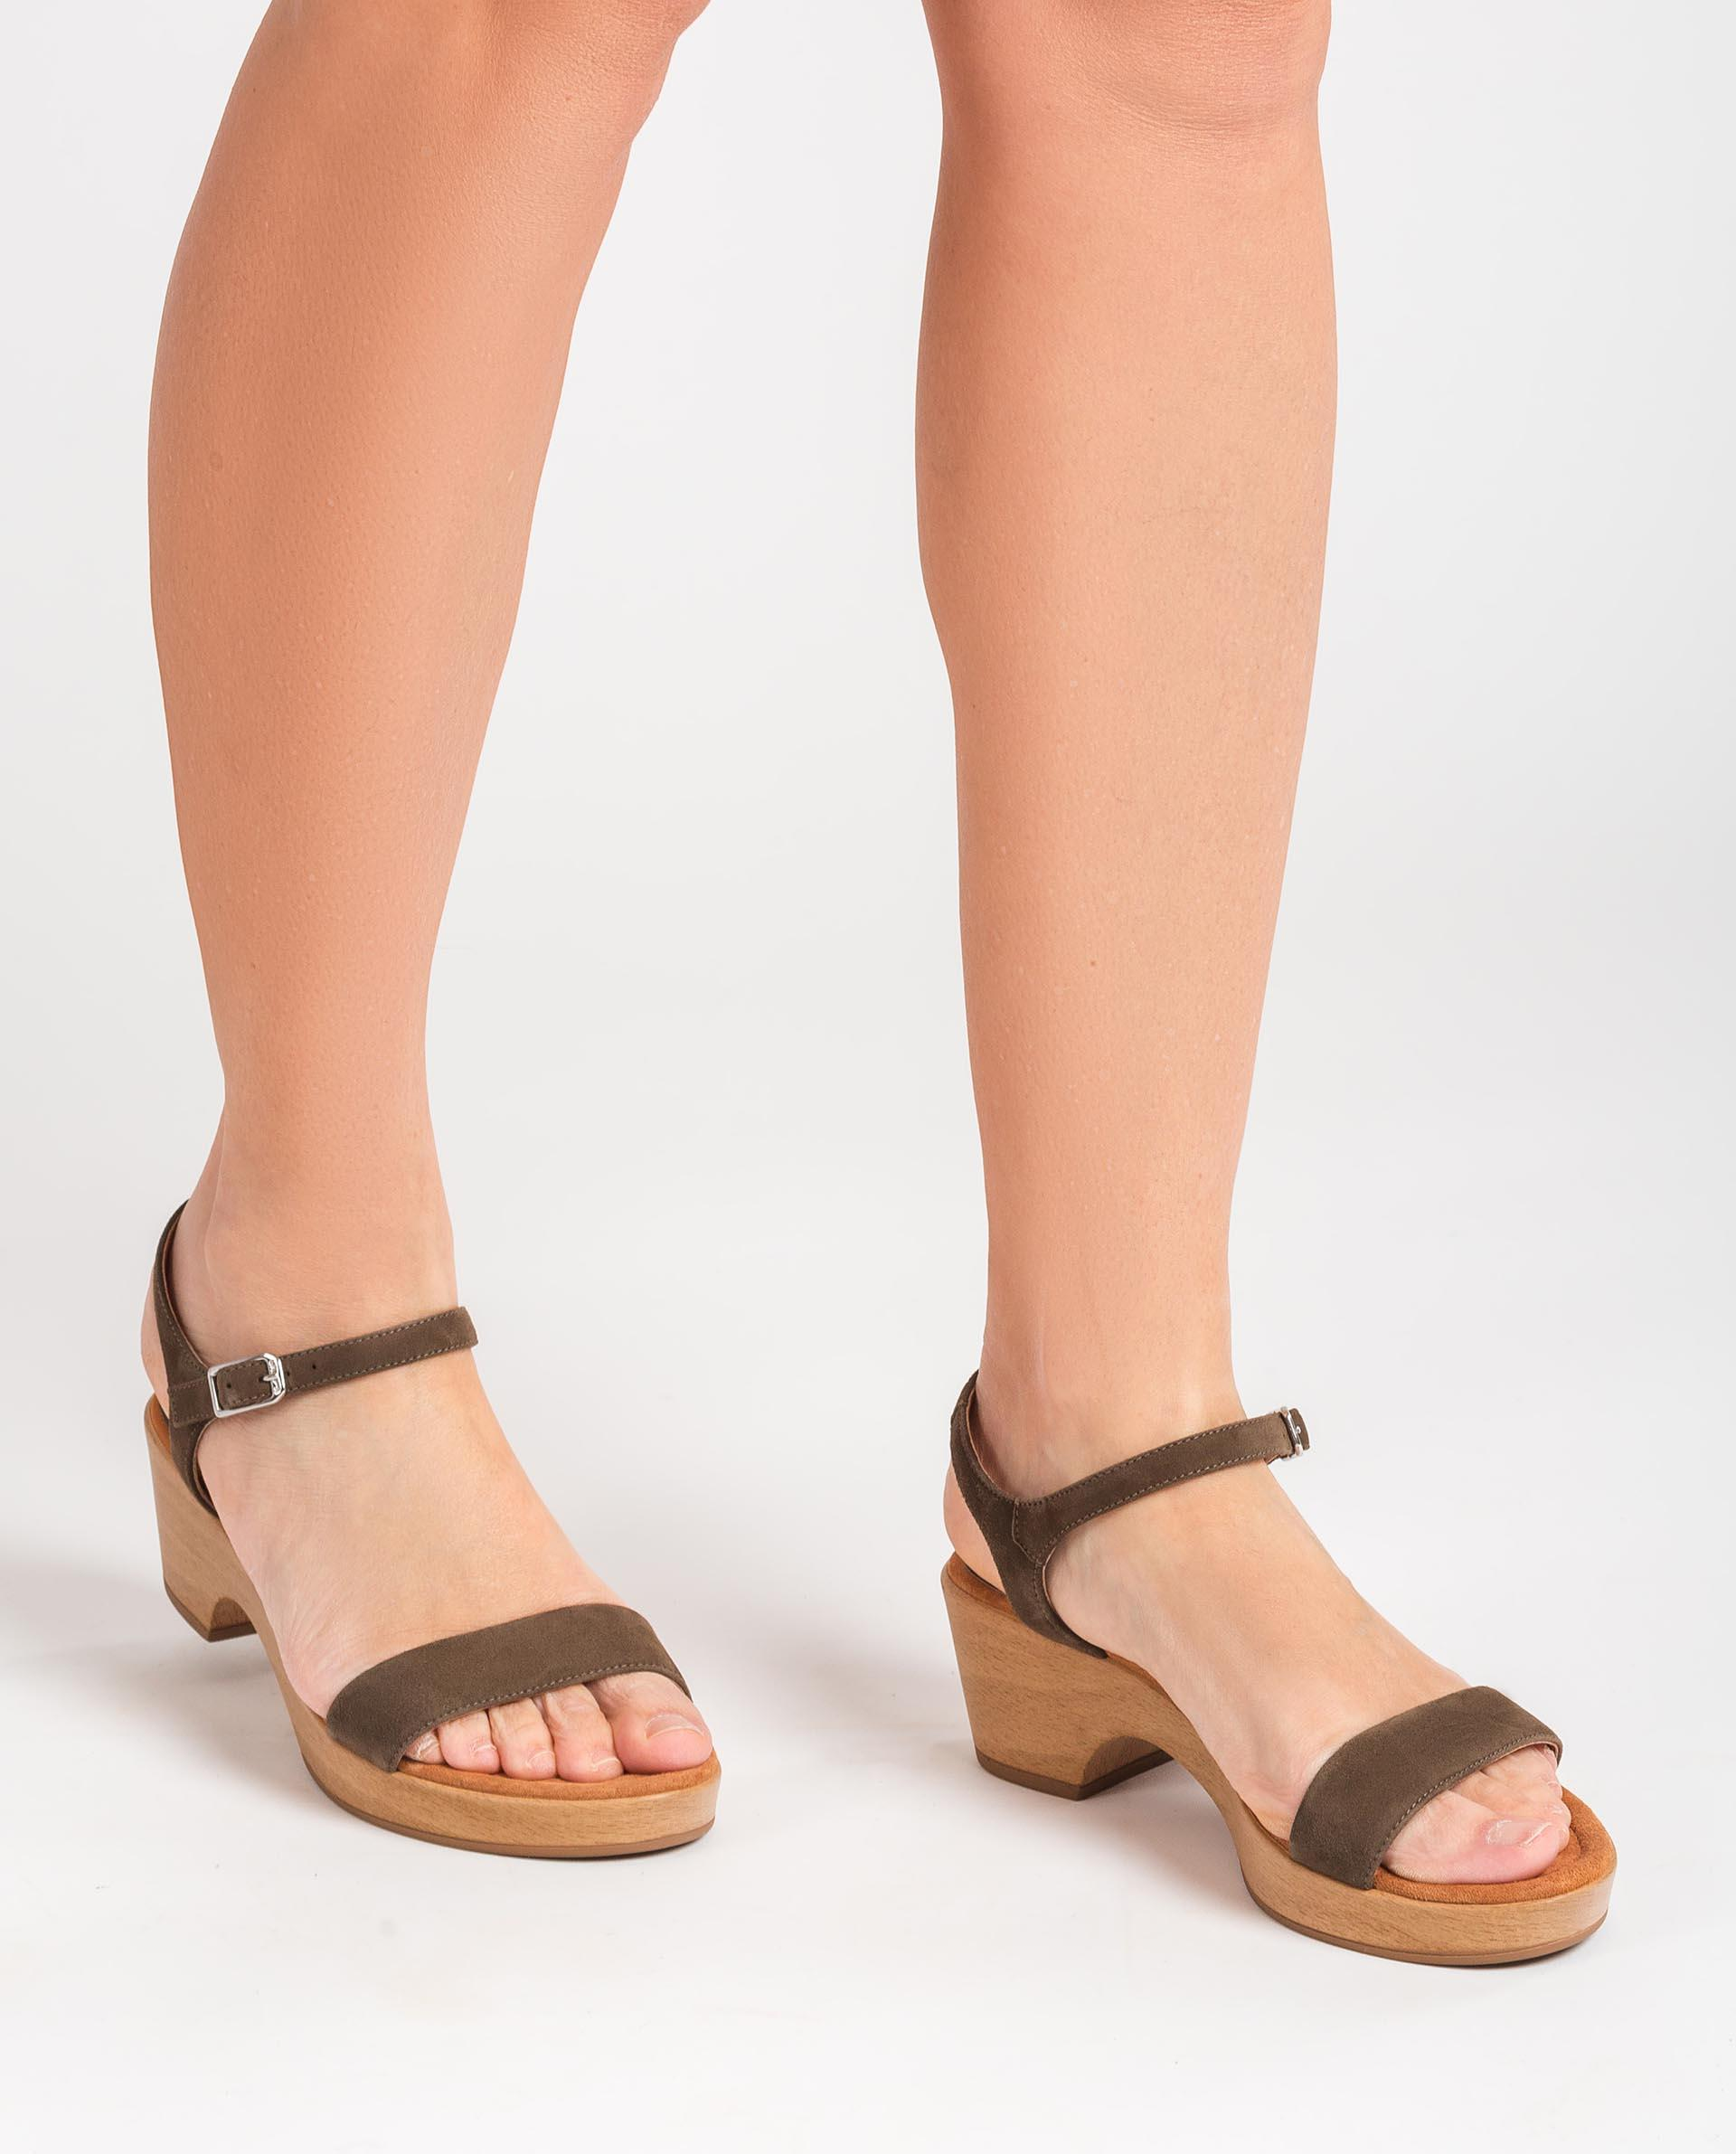 UNISA Kid suede block sandals IRITA_21_KS 2